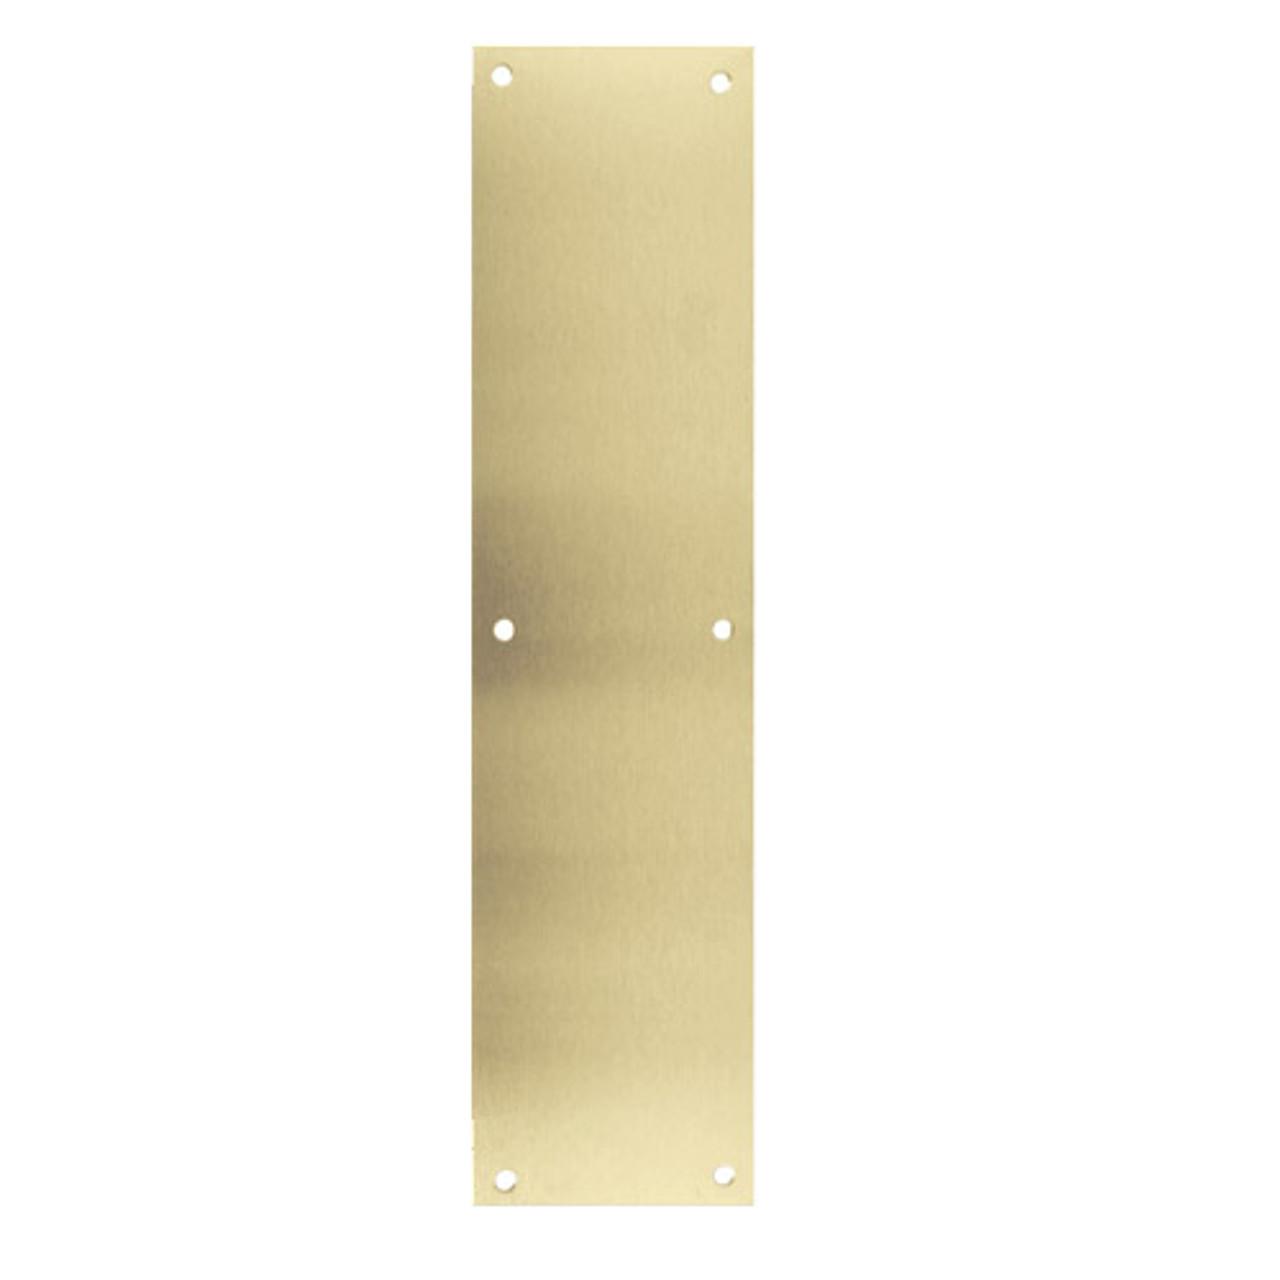 72-606 Don Jo 0.50 Push Plate in Clear Satin Brass Finish